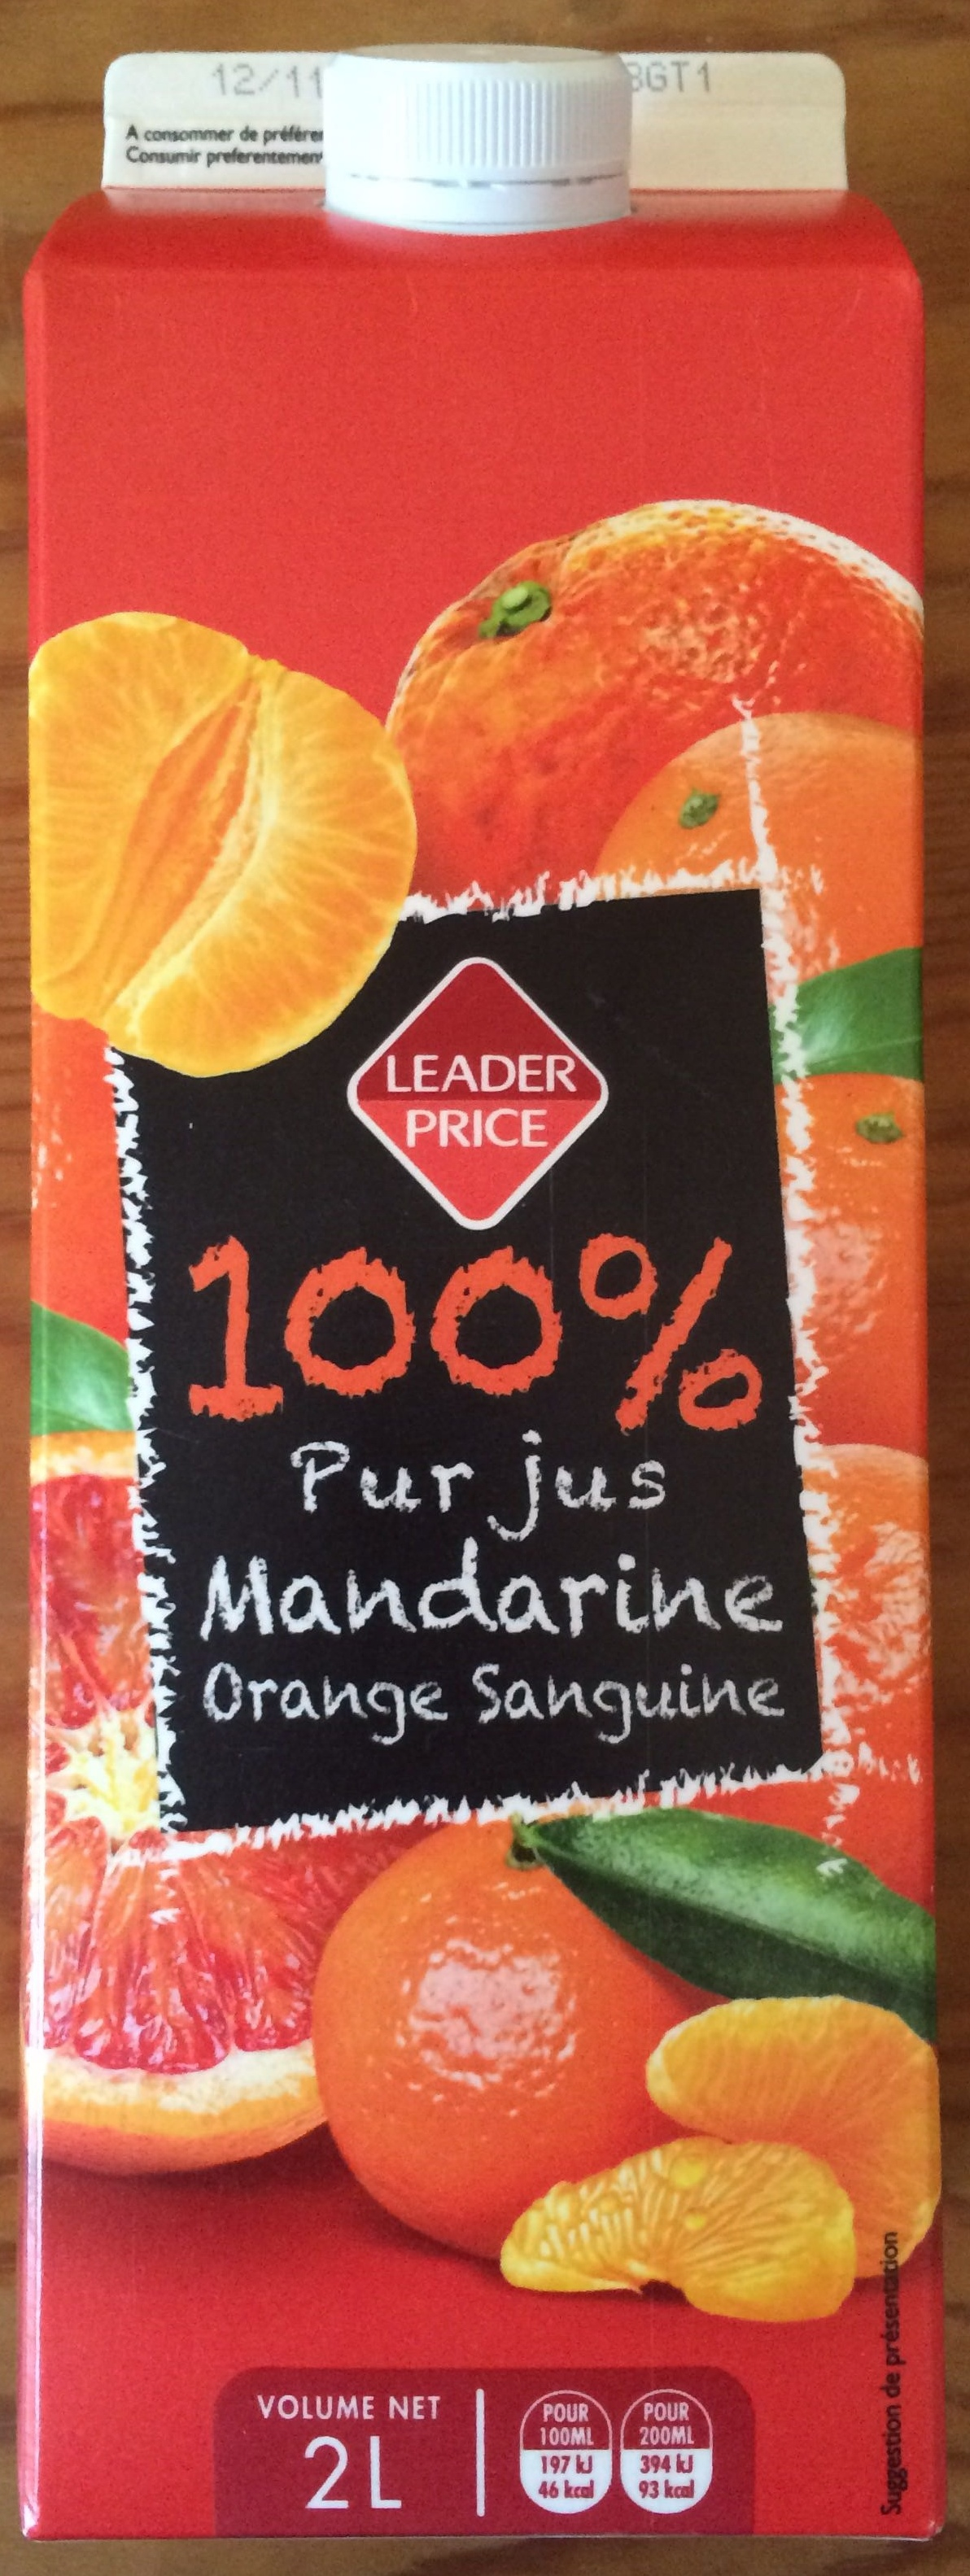 100% pur jus Mandarine Orange Sanguine - Product